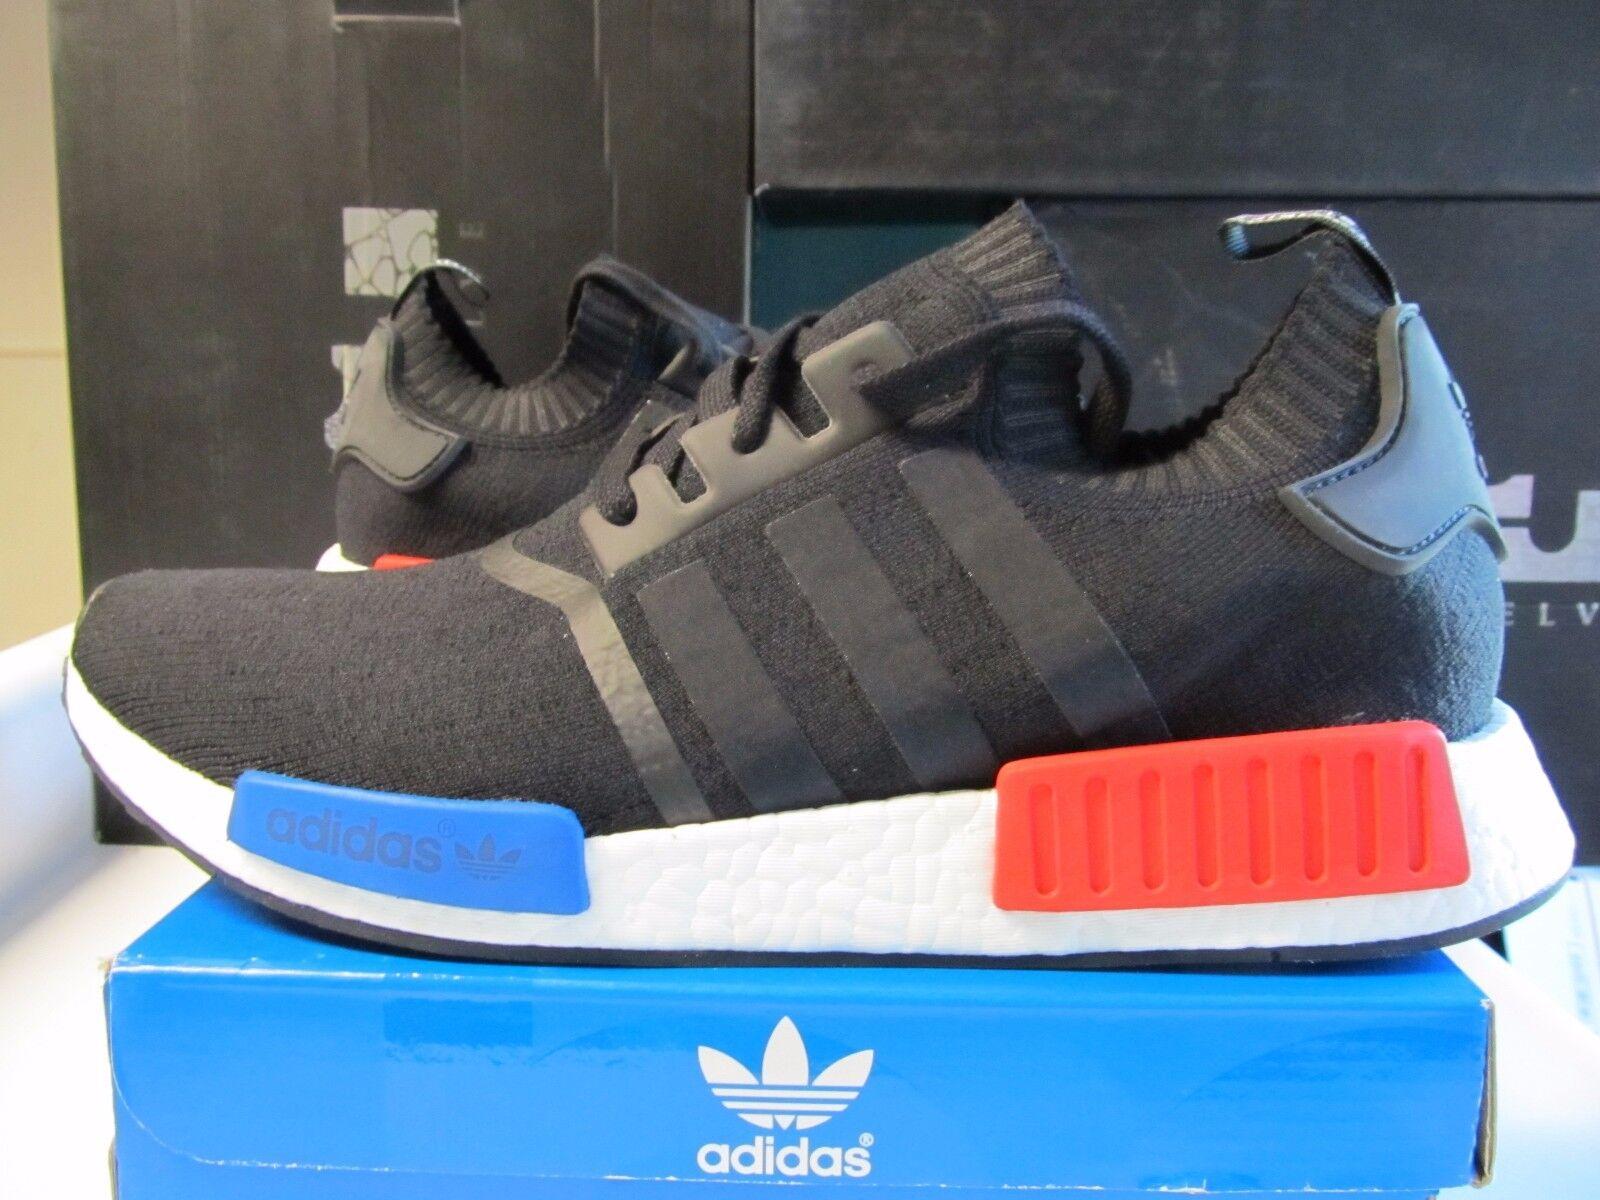 cbd70d78d442a6 ... top quality adidas nmd r1 läufer pk primeknit kern rot schwarz rot kern  blauen og 13